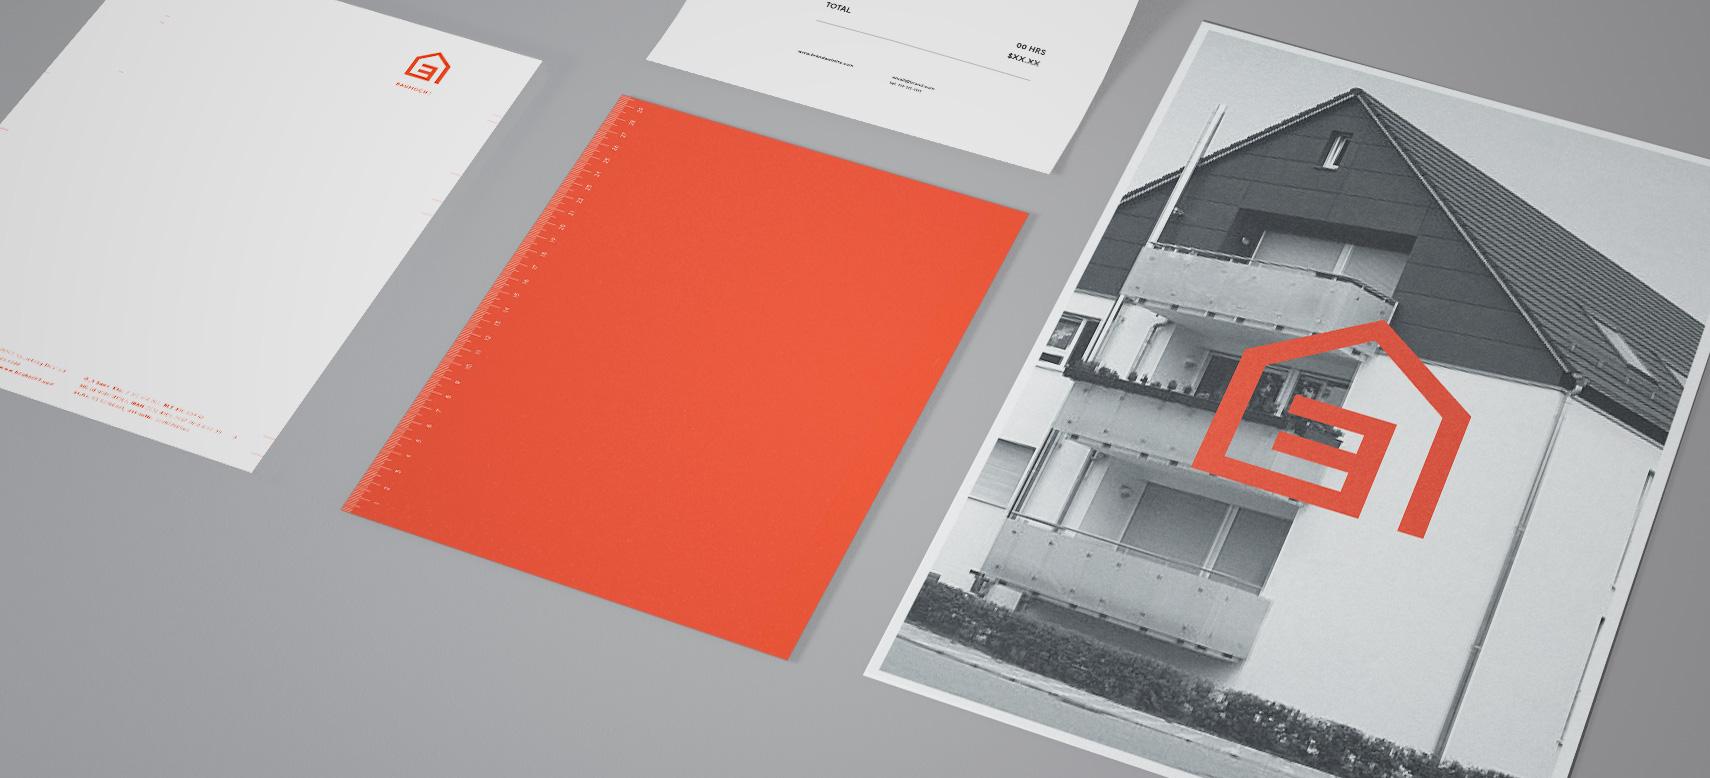 5DMBO-Studio-für-Gestaltung-bauhoch3-bau-hoch-3